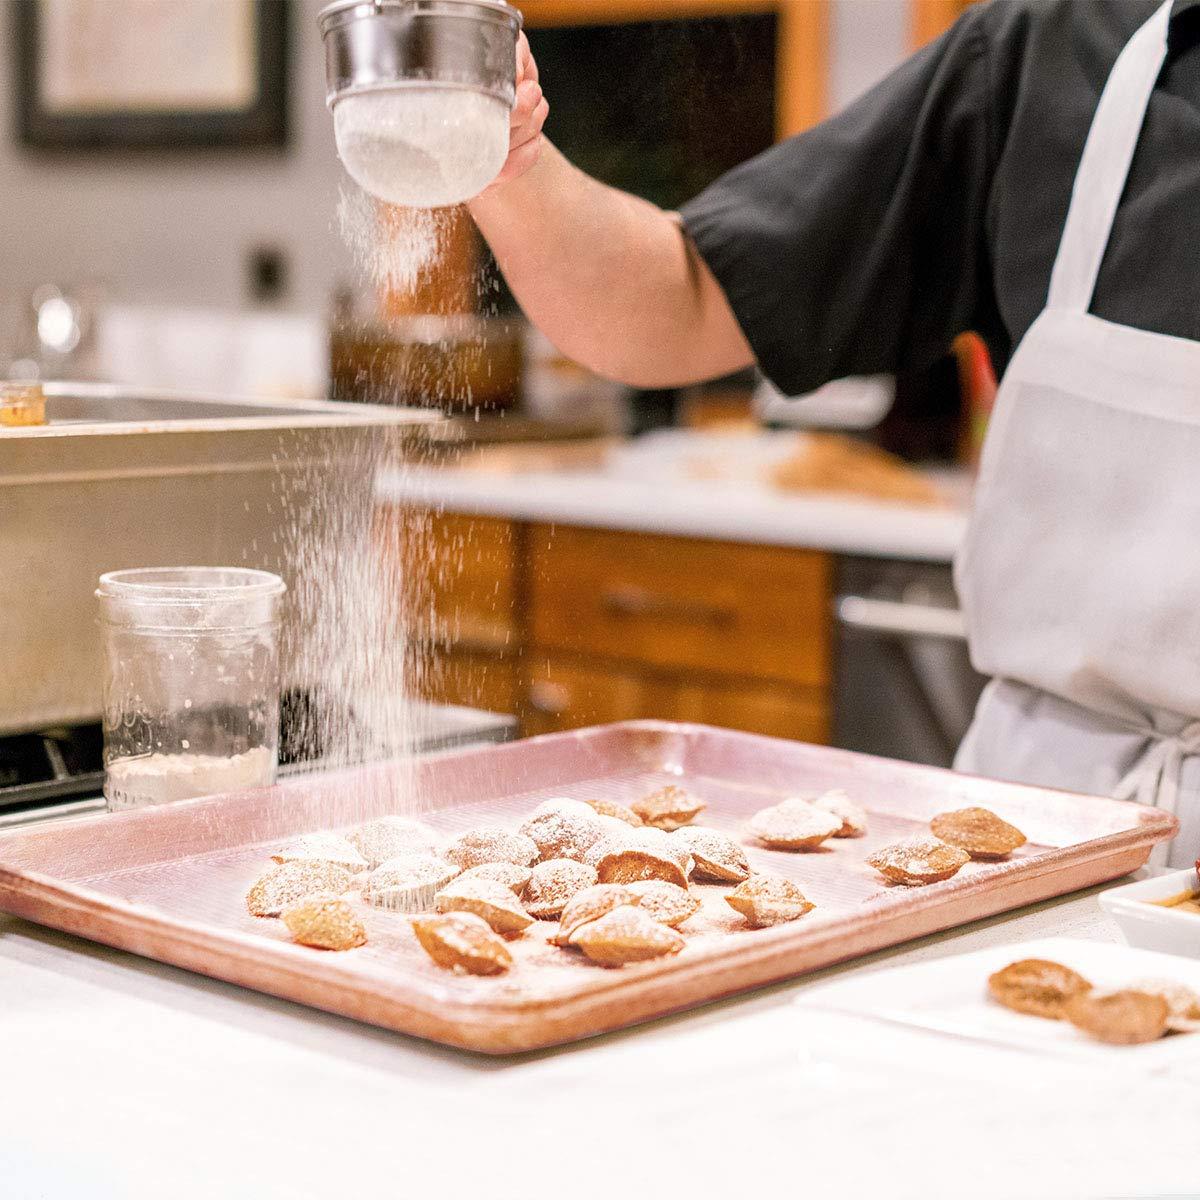 Bakeware Set, TOPTIER 6 Piece Nonstick Baking Pan Sets with Cookie Baking Sheets, Muffin Pan, Loaf Pan, Round Cake Pan, Roasting Pan for Baking | Prime Housewarming & Wedding Gift, Rose Gold by toptier (Image #6)